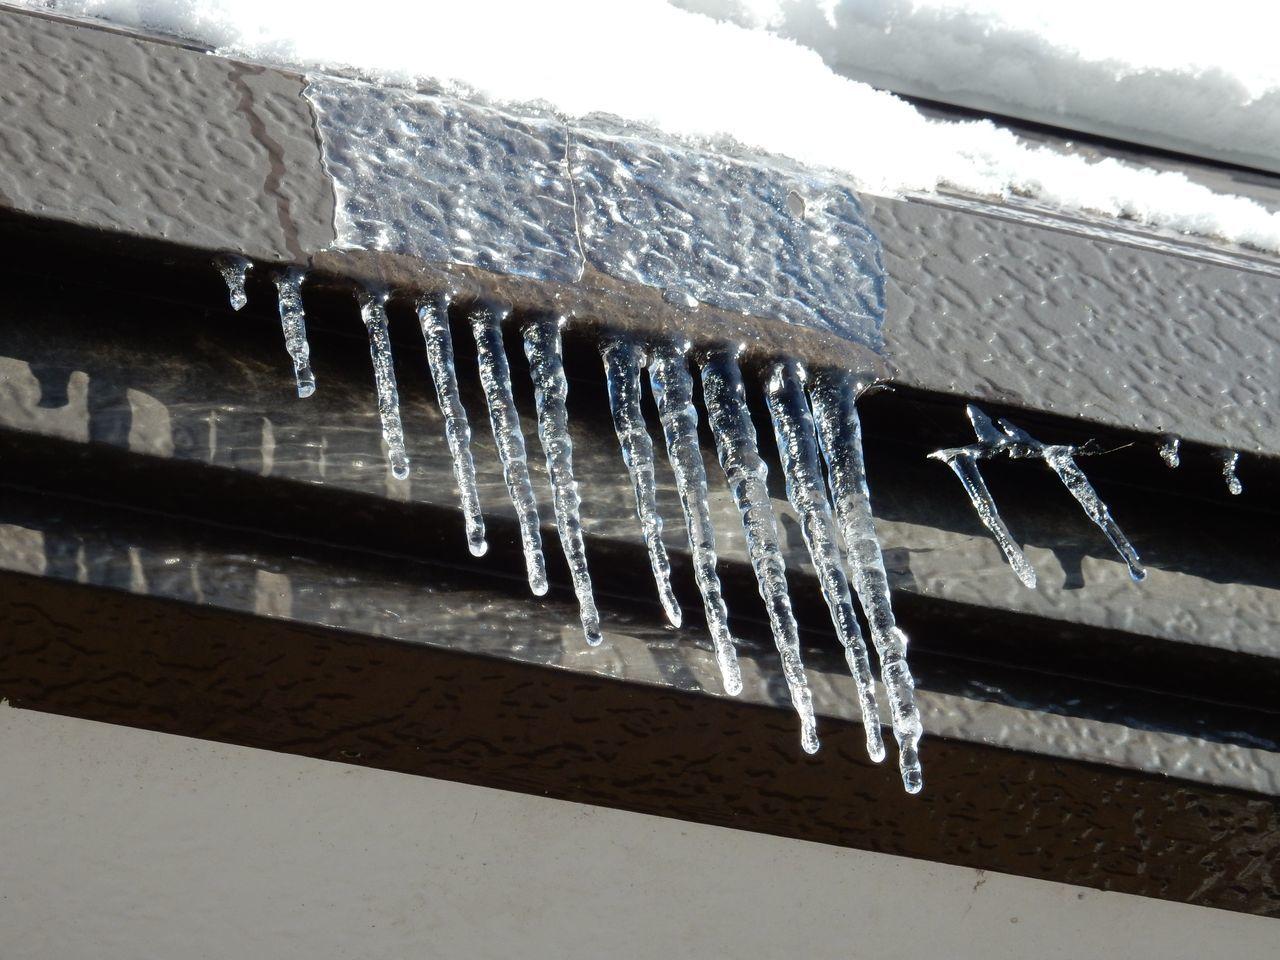 真冬日ではありましたが_c0025115_22083102.jpg